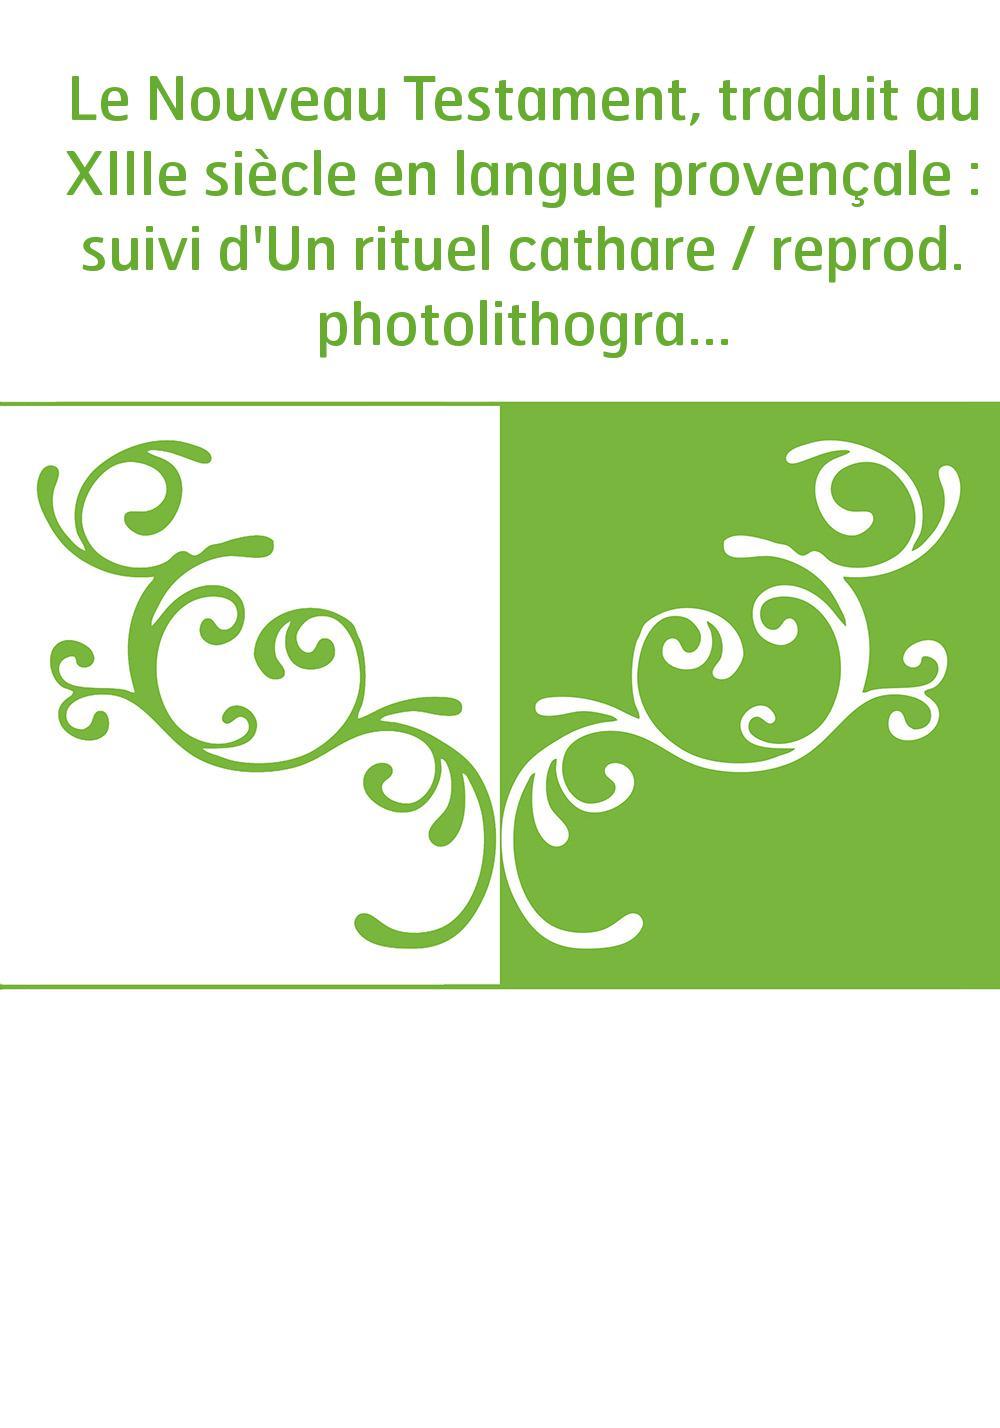 Le Nouveau Testament, traduit au XIIIe siècle en langue provençale : suivi d'Un rituel cathare / reprod. photolithographique du